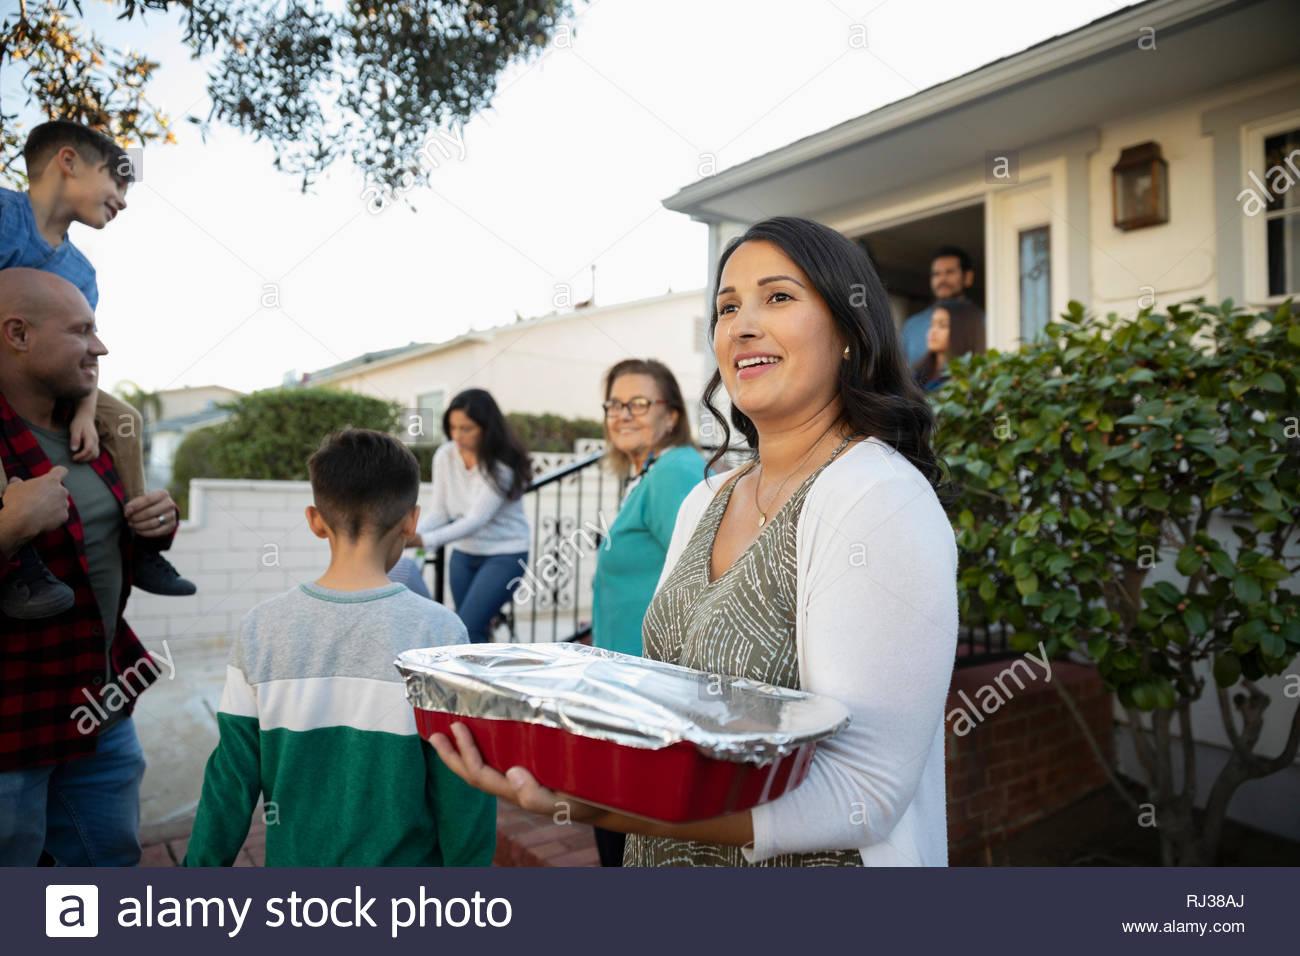 Femme Latinx avec cocotte au voisinage block party Photo Stock